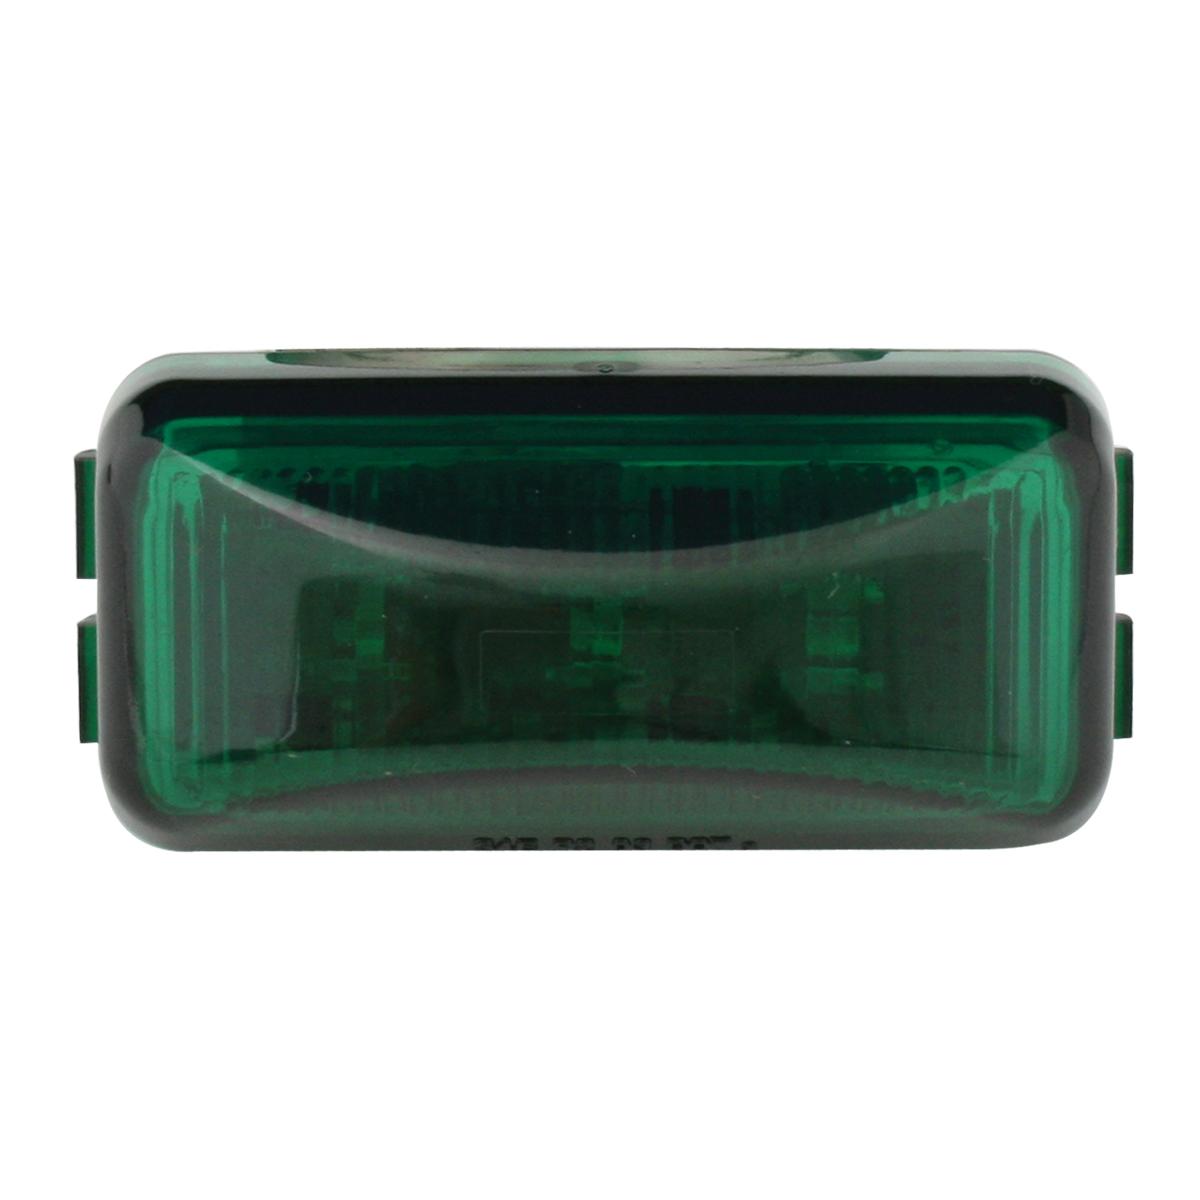 87648 Small Rectangular LED Marker Light in Green/Green